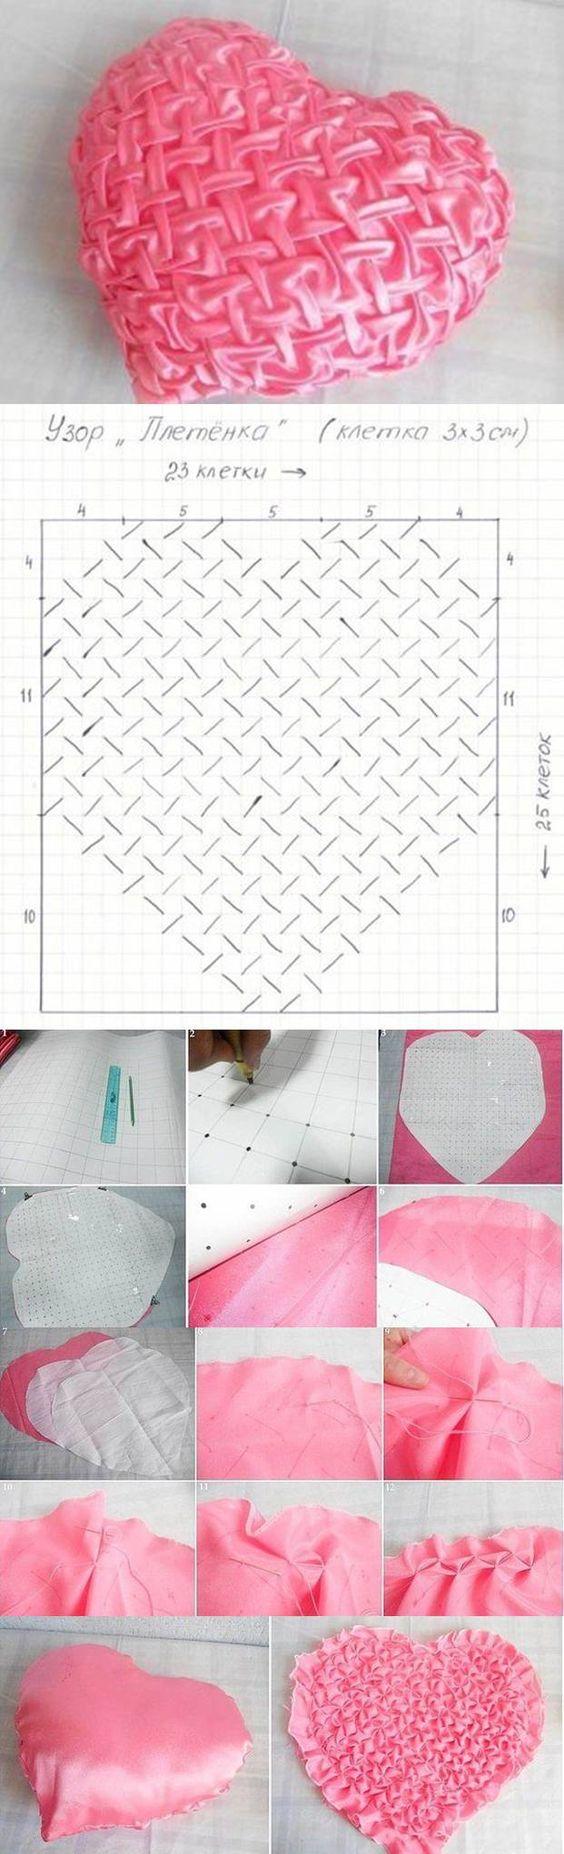 DIY Pillow-heart Puffed: